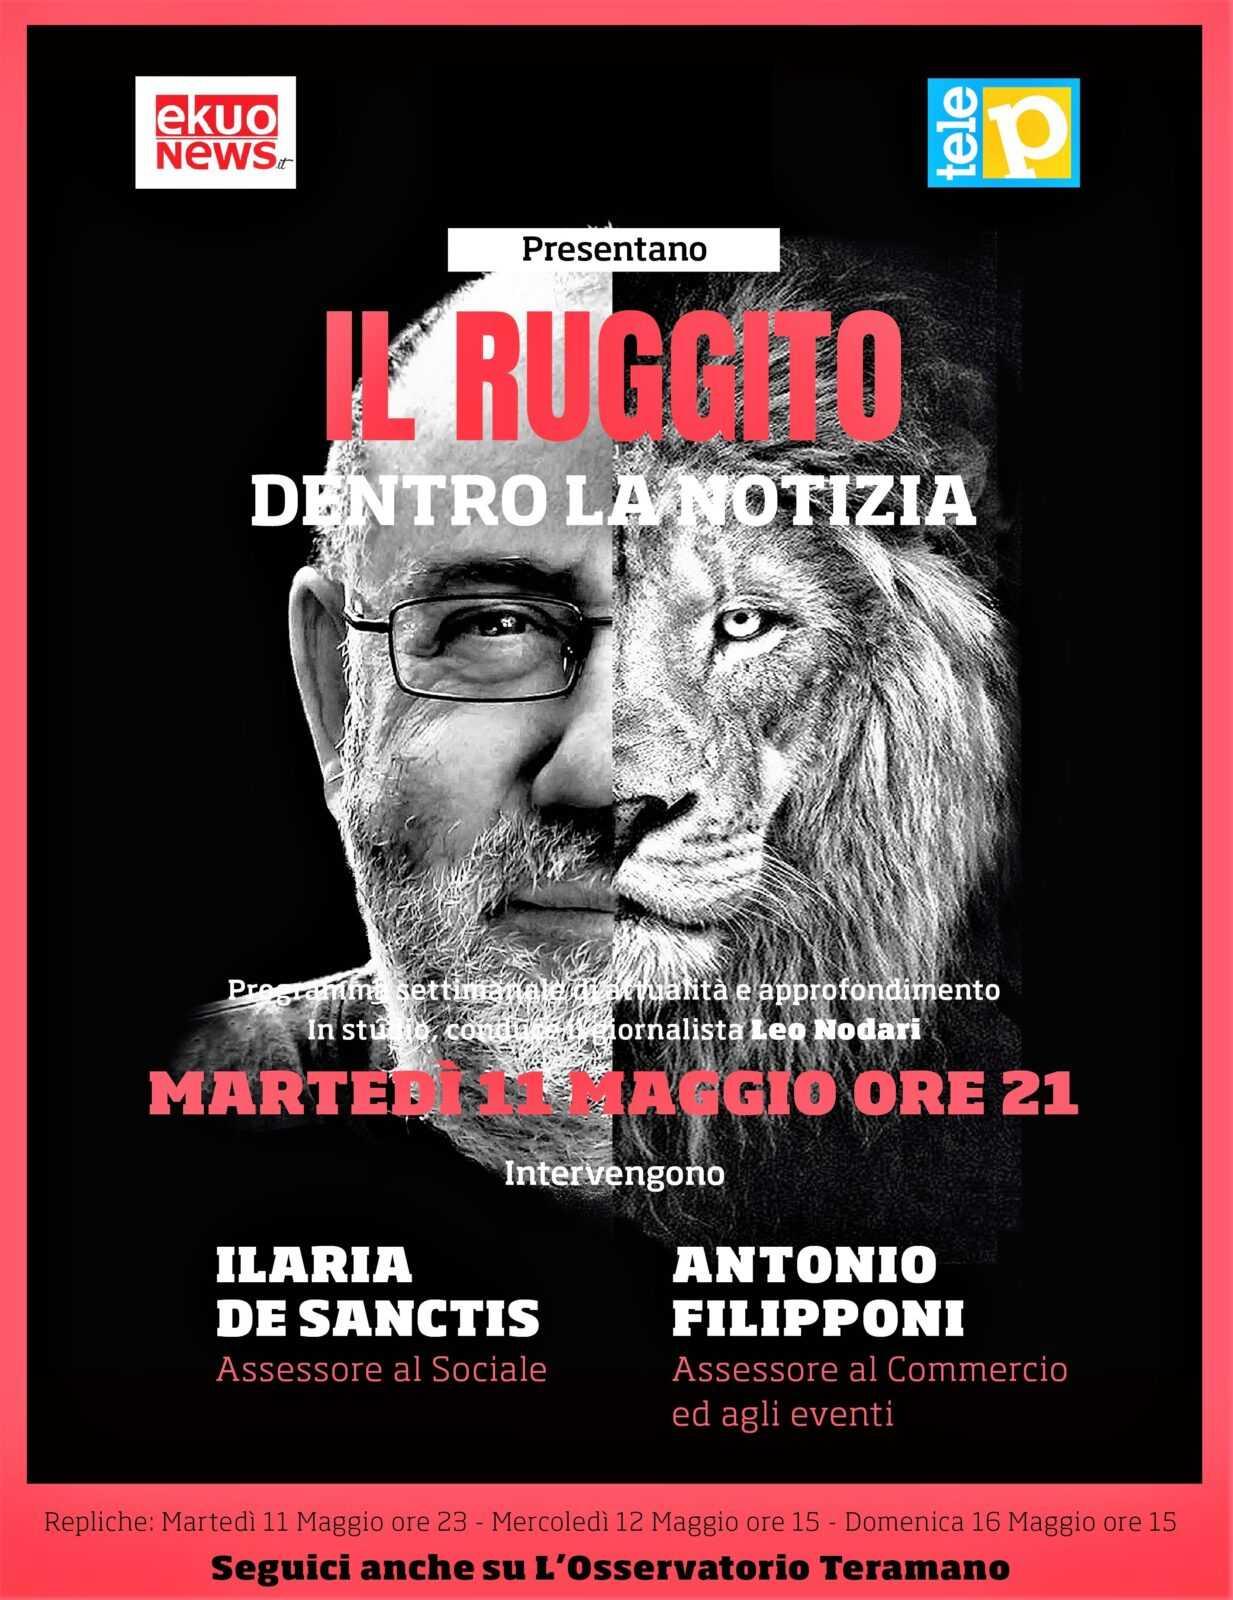 """COSA SUCCEDE IN CITTA' / Martedi 11 maggio Ilaria De Sanctis e Antonio Filipponi a Teleponte  """"Il ruggito Dentro la notizia"""""""